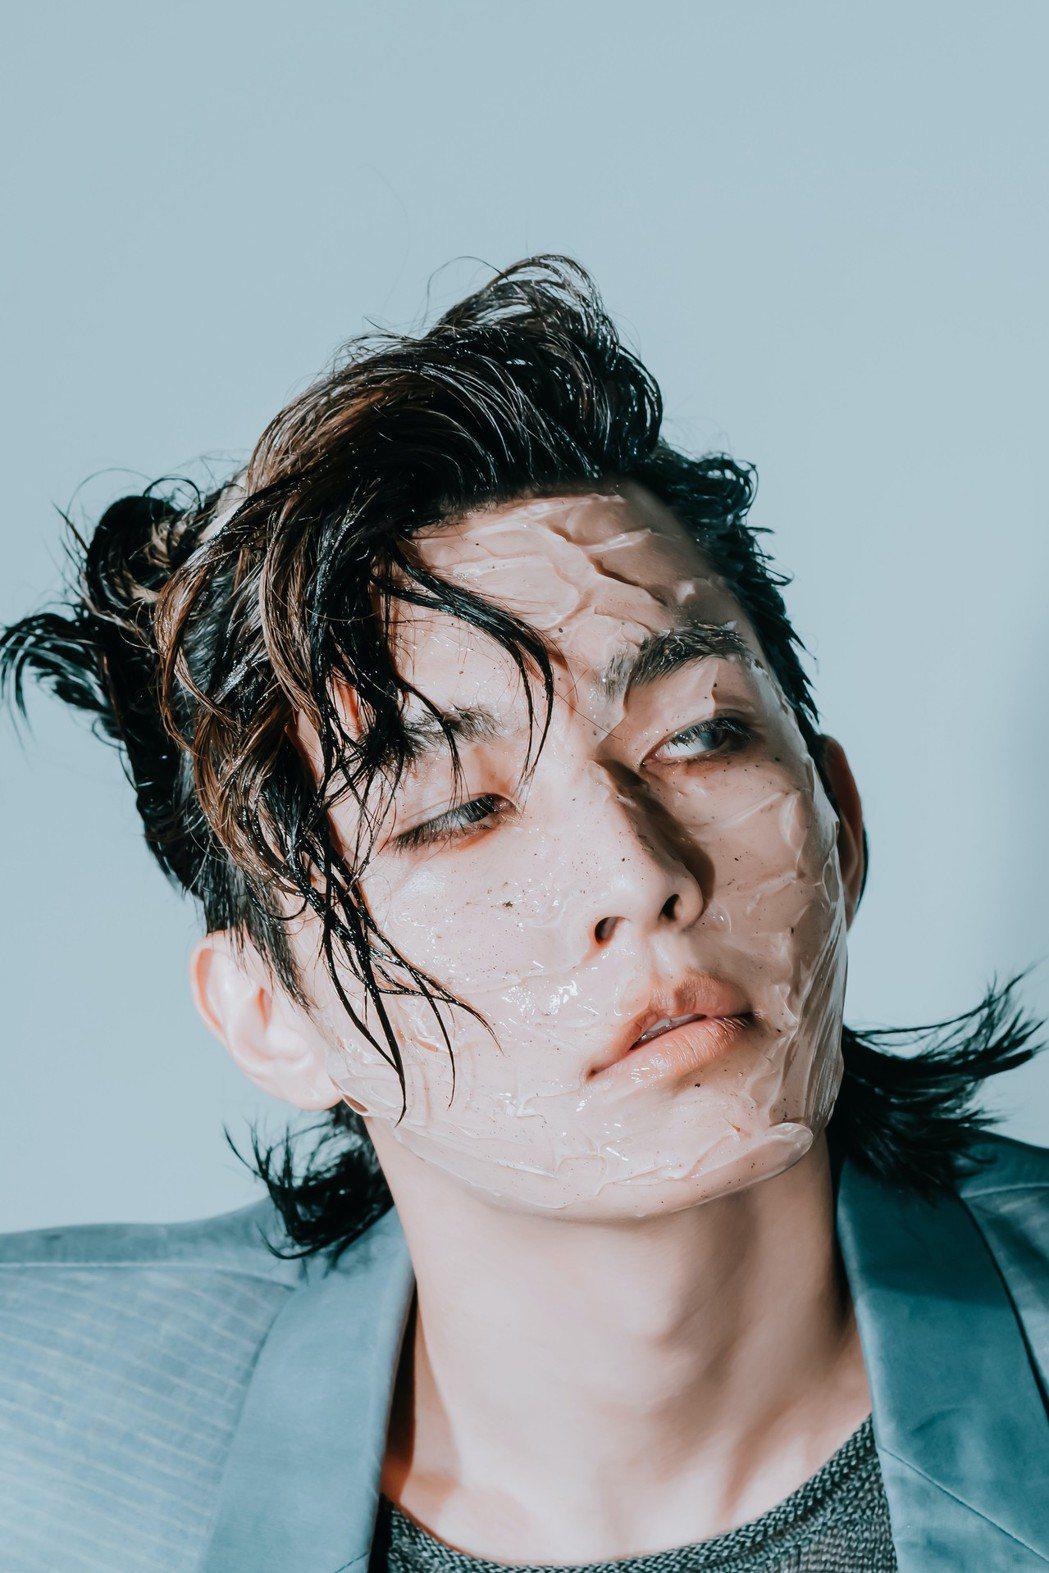 炎亞綸新專輯視覺大膽破壞帥臉,「透明膠感妝」還兼護膚效果。圖/索尼提供